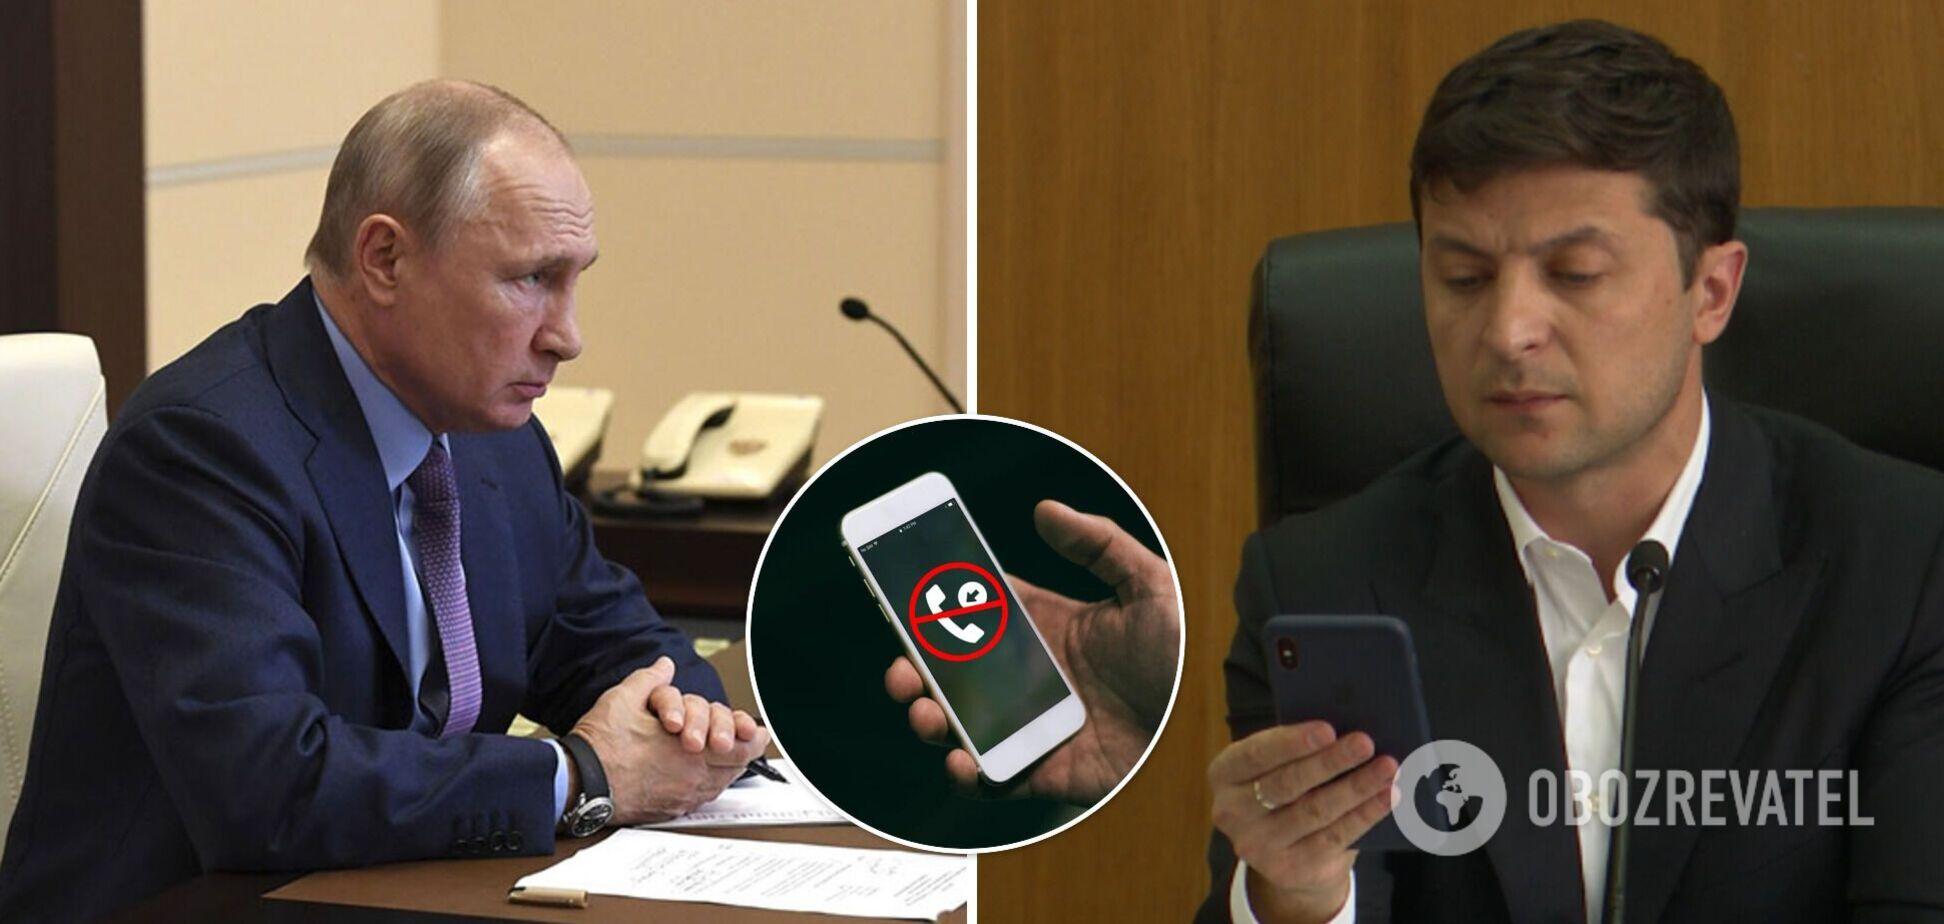 В Кремле объяснили, почему Путин не берет трубку от Зеленского